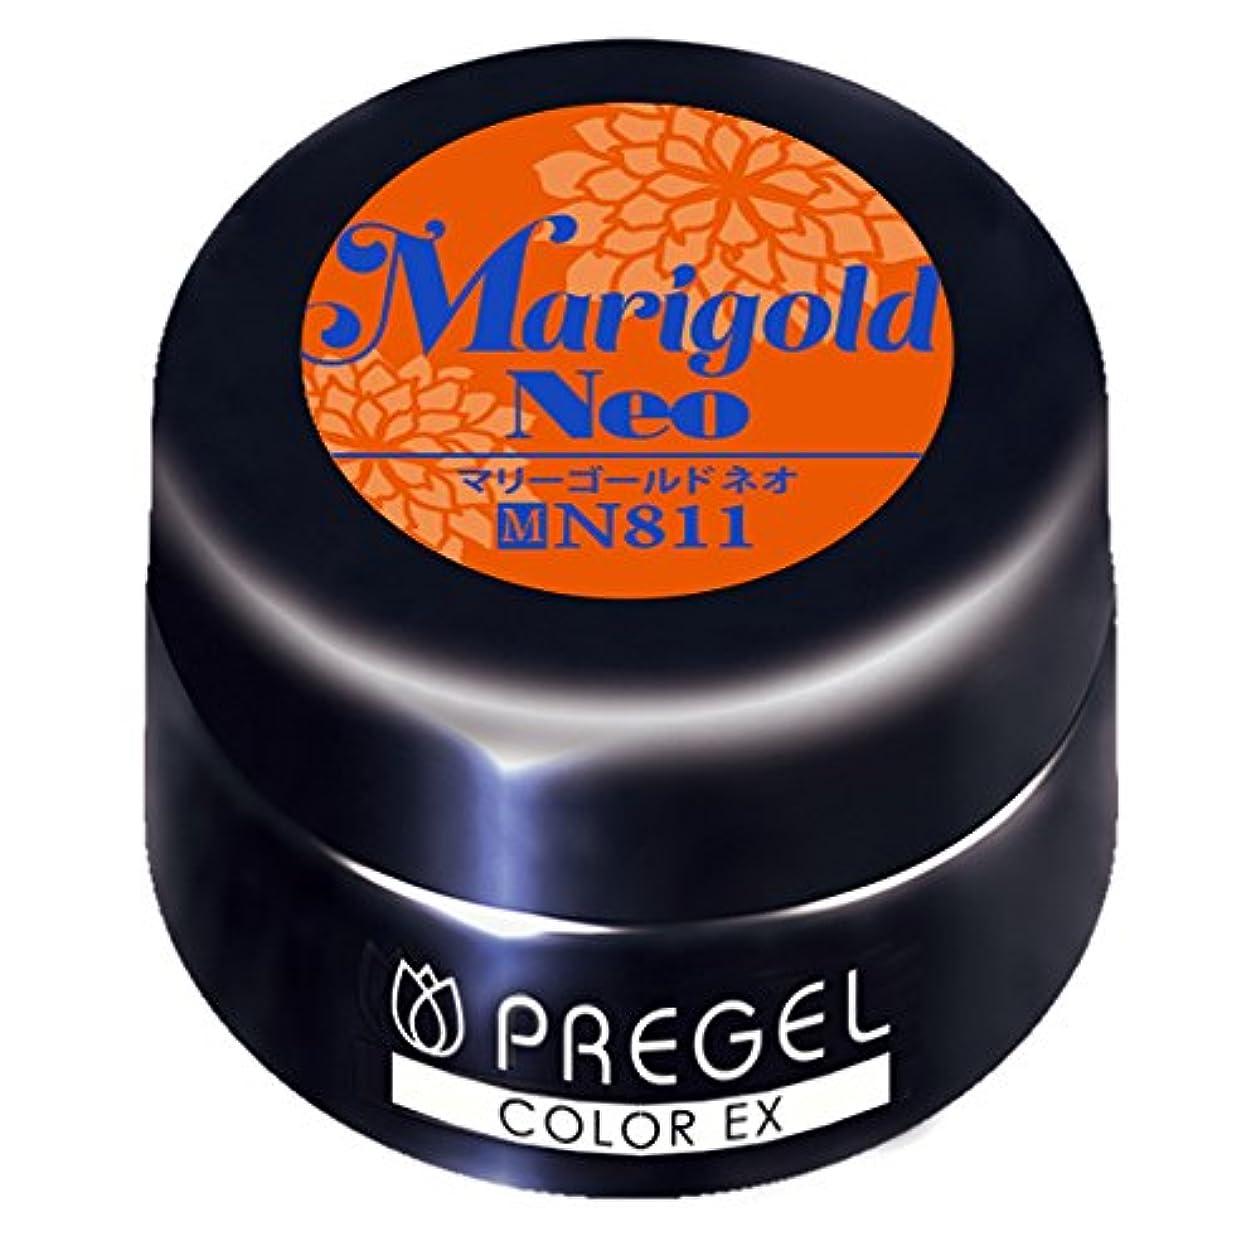 問い合わせる腫瘍現金PRE GEL カラーEX マリーゴールドneo 811 3g UV/LED対応